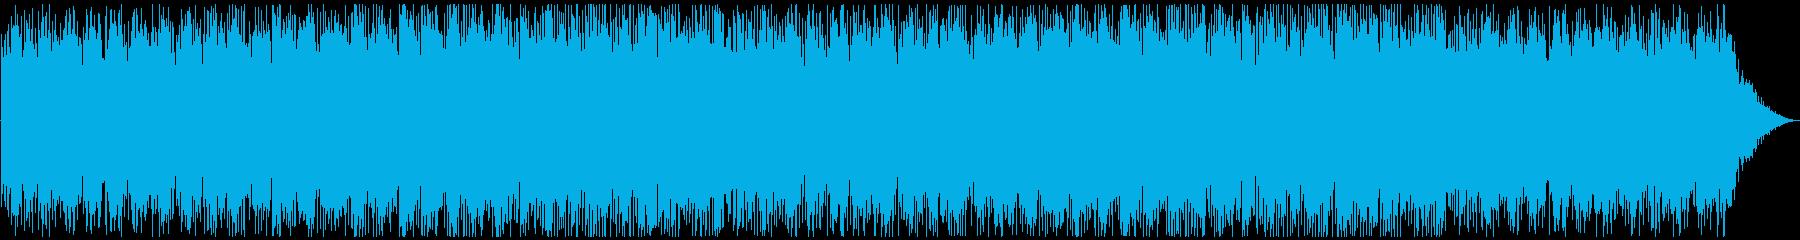 教育向けの明るく前向きなテクノポップ音楽の再生済みの波形